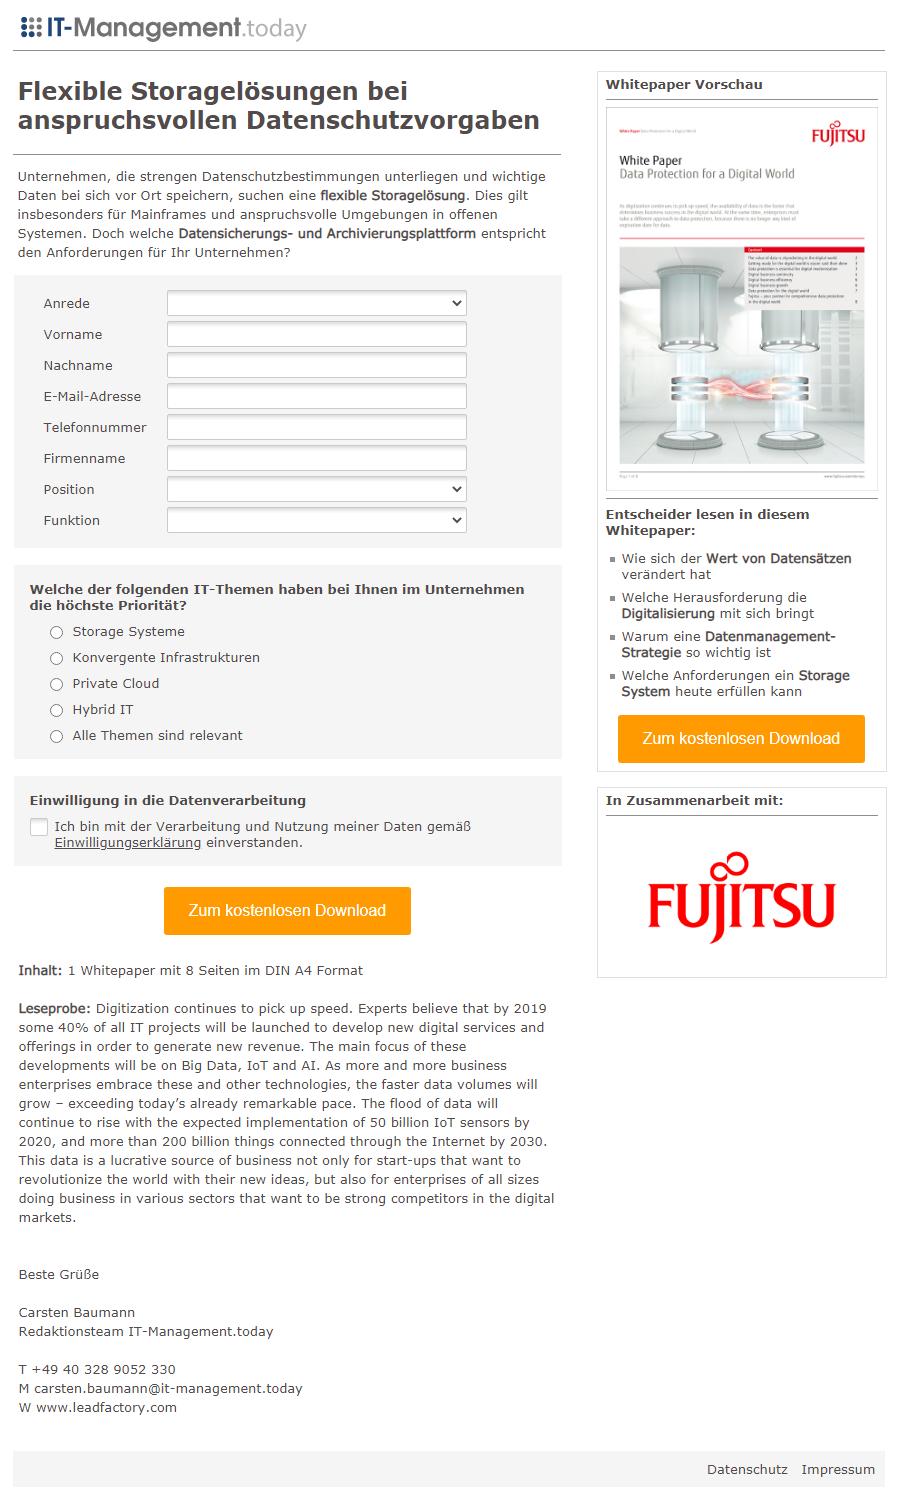 Referenzkampagne_Landingpage_Fujitsu_Flexible Storagelösungen bei anspruchsvollen Datenschutzvorgaben